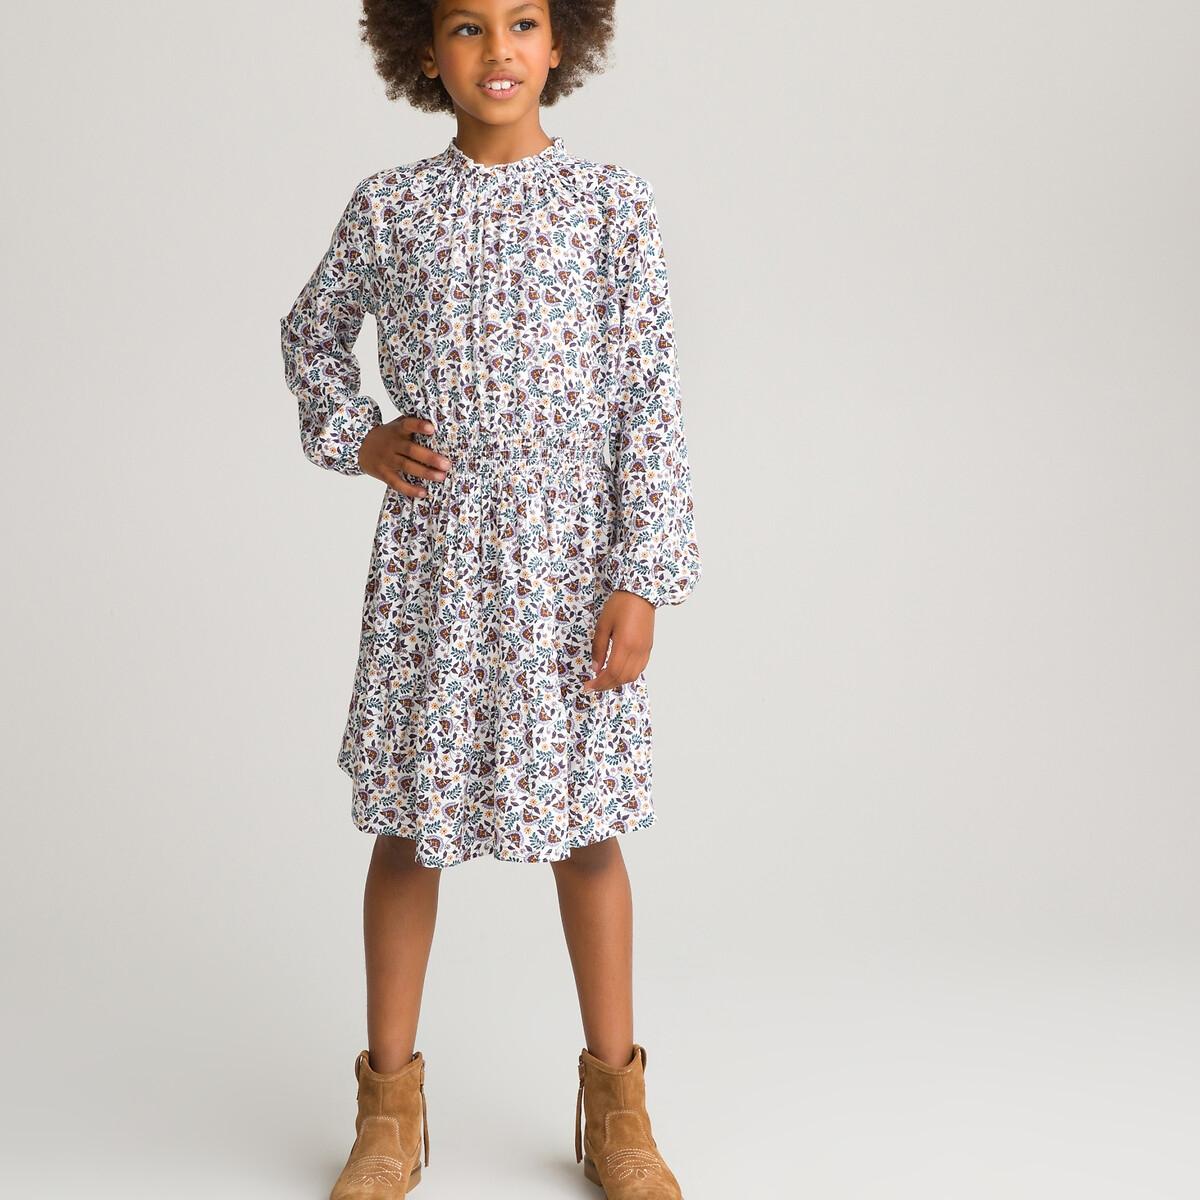 Платье LaRedoute С длинными рукавами и цветочным принтом 3-12 лет 9 лет - 132 см бежевый